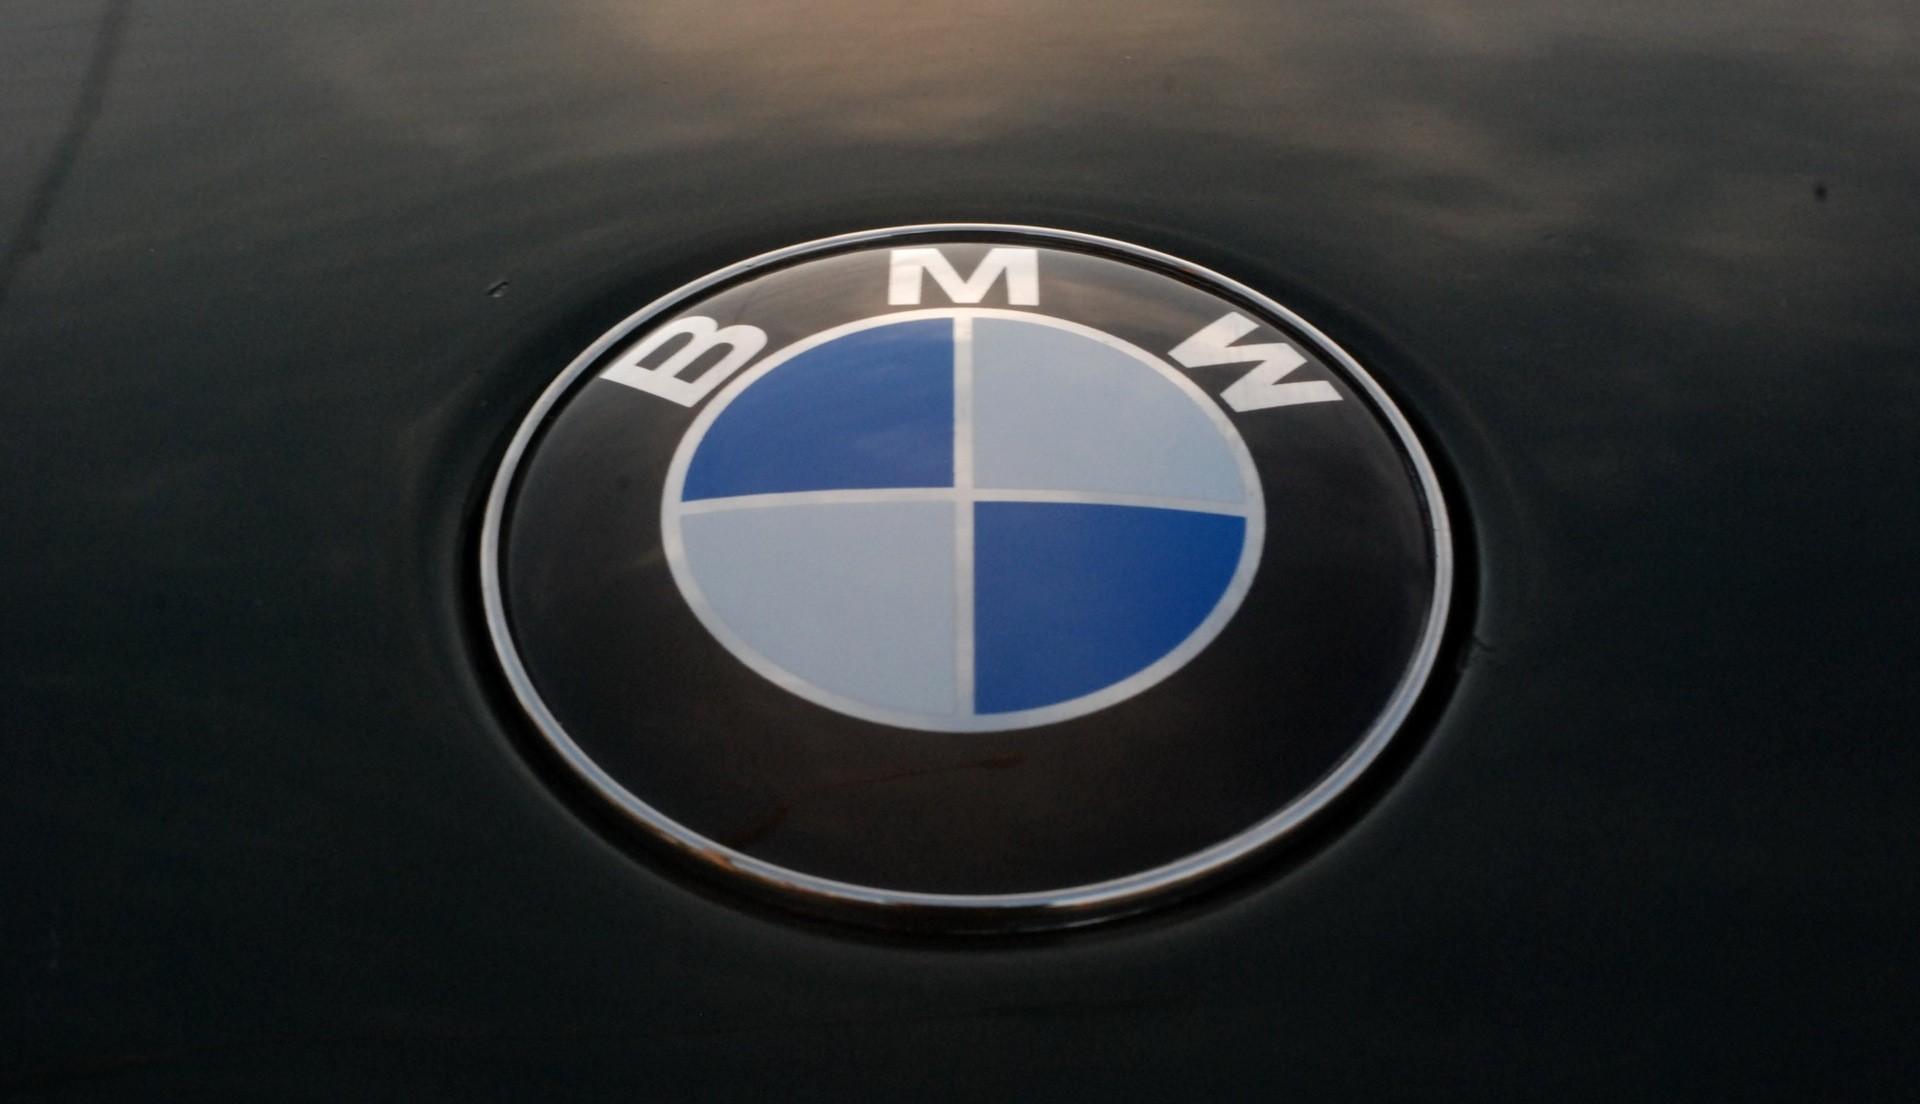 Затри квартала мировые продажи предприятия БМВ увеличились на6 процентов